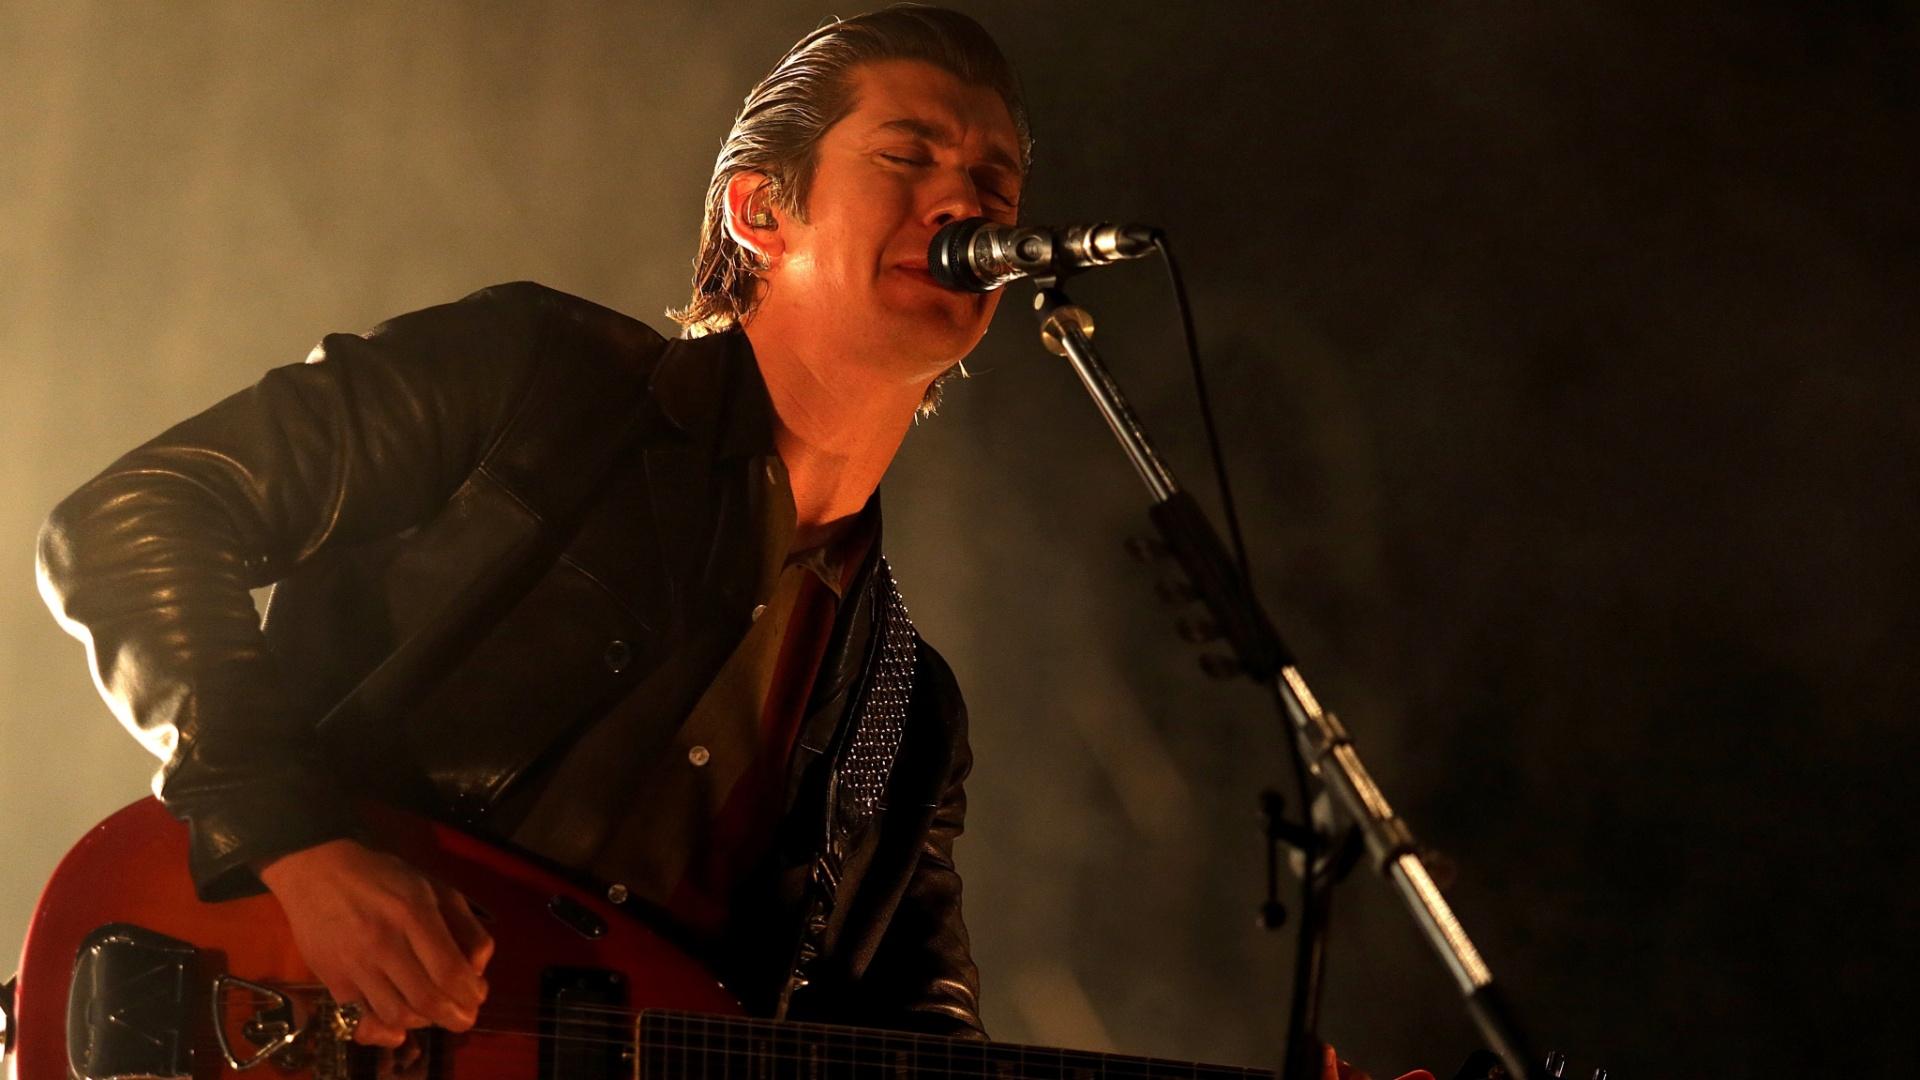 14.nov.2014 - Em noite chuvosa, Arctic Monkeys se apresenta no palco da Arena Anhembi, zona norte de São Paulo, nesta sexta-feira. Em clima de cabaré indie, a banda britânica traz ao Brasil a turnê do álbum ?AM?, o quinto da banda, lançado no ano passado, que também vem sendo apresentado na América do Sul desde o último dia 4, quando a banda tocou na Colômbia